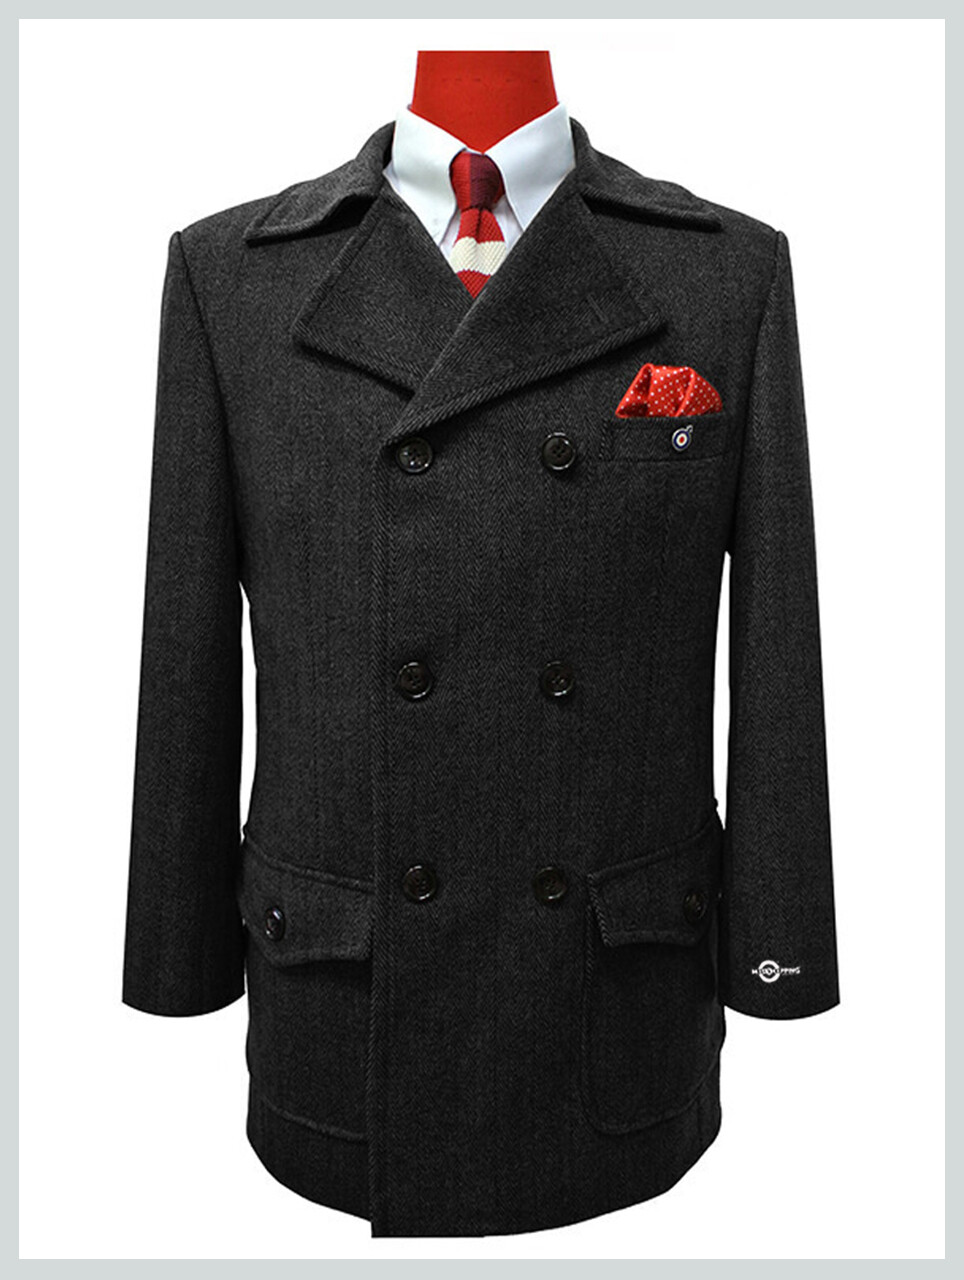 Pea Coat| Tailored Made 1960'S Retro Grey And Black Pea Coat Men's